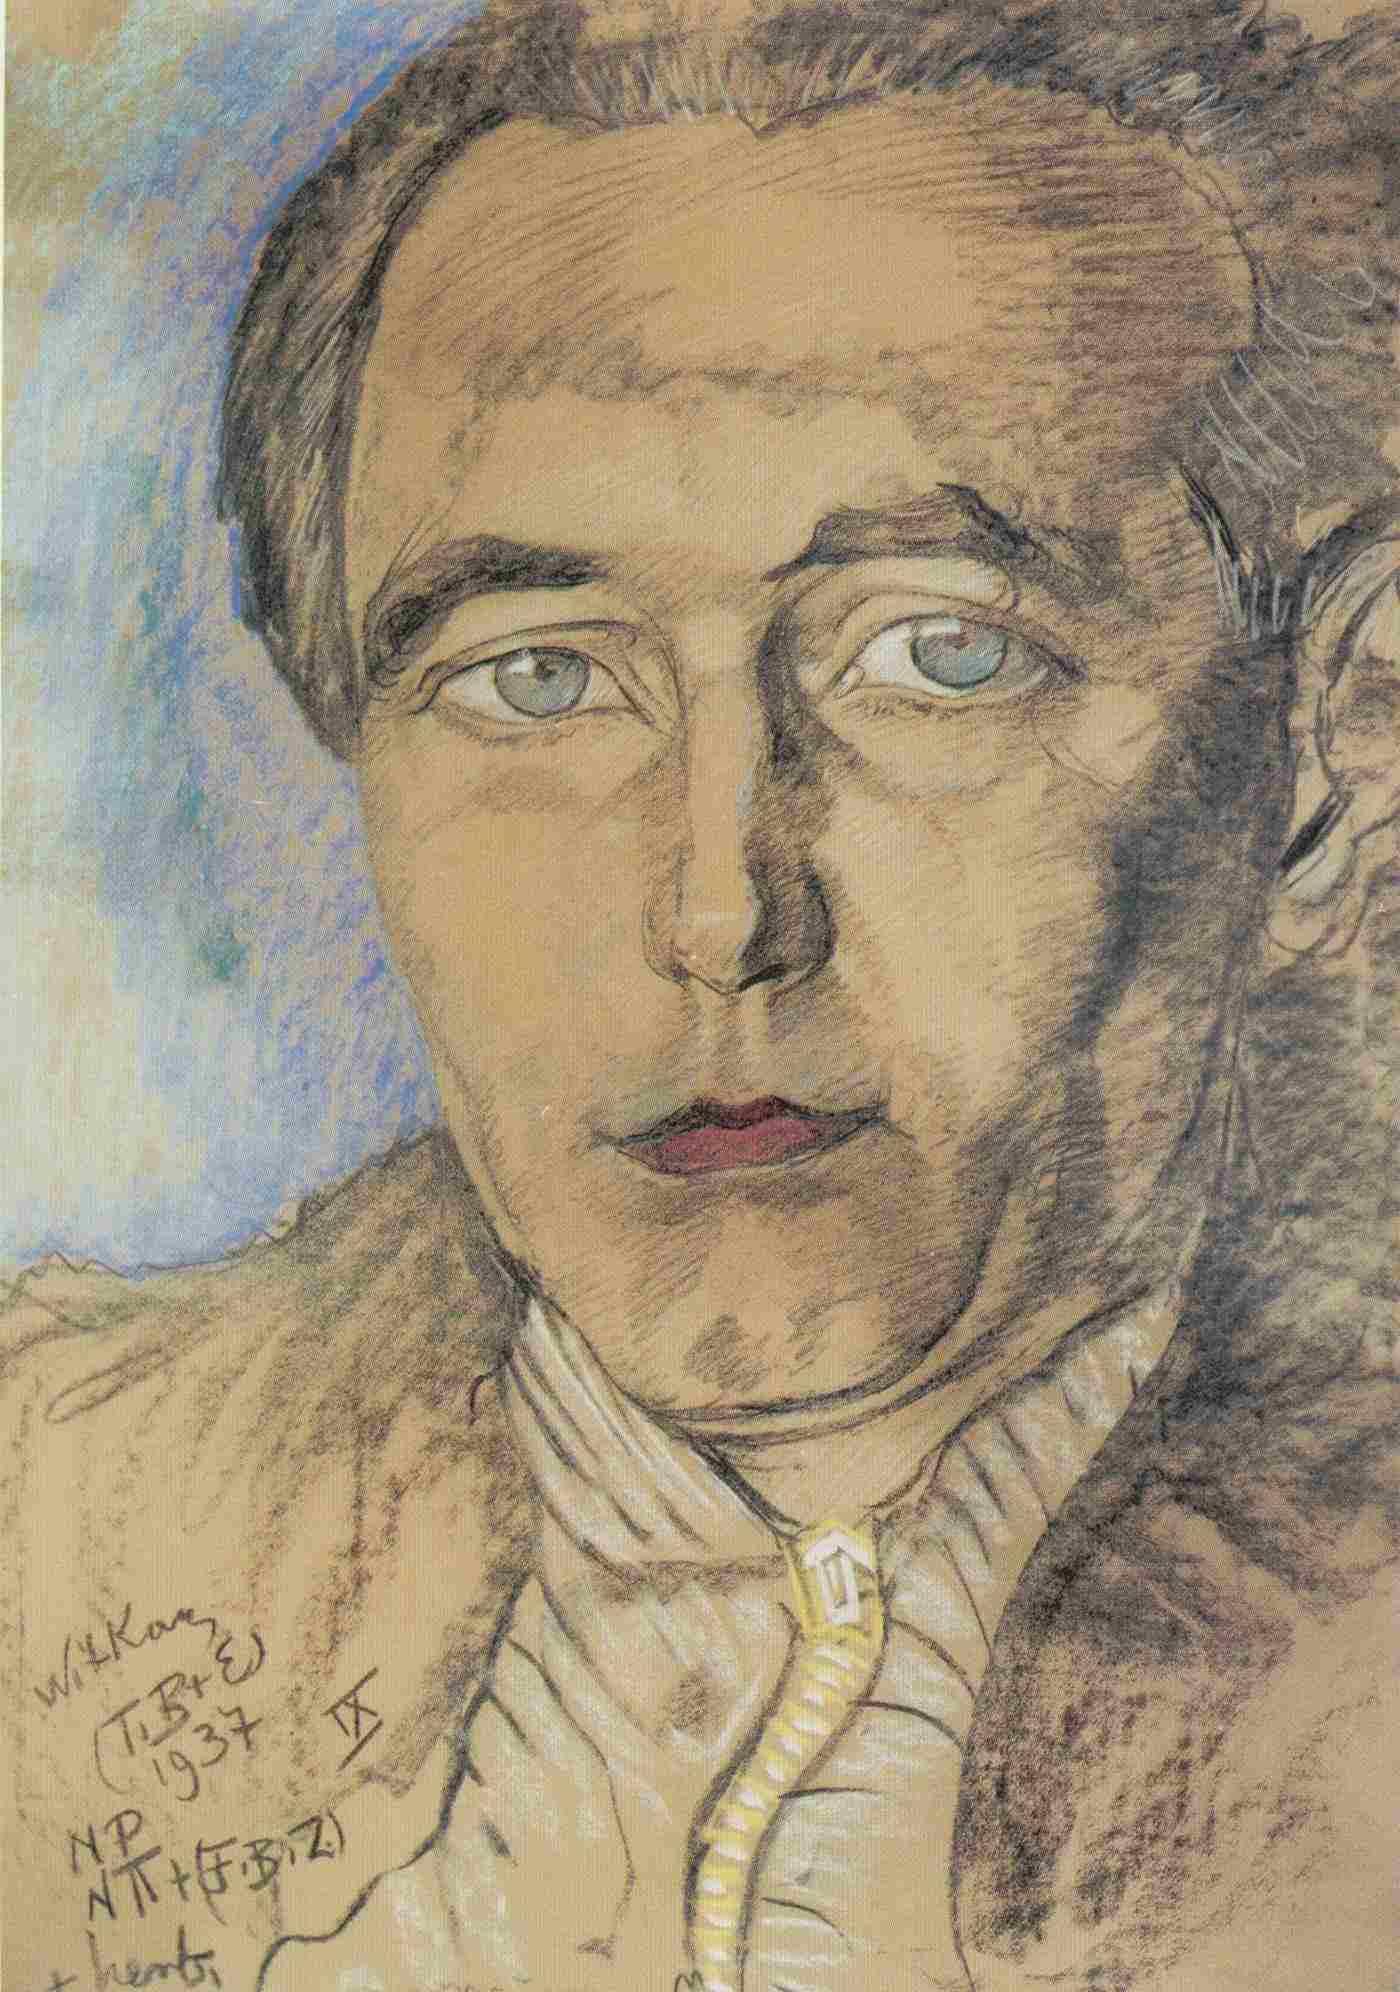 Portrait of Roman Ingarden by [[Stanisław Ignacy Witkiewicz|Witkacy]]